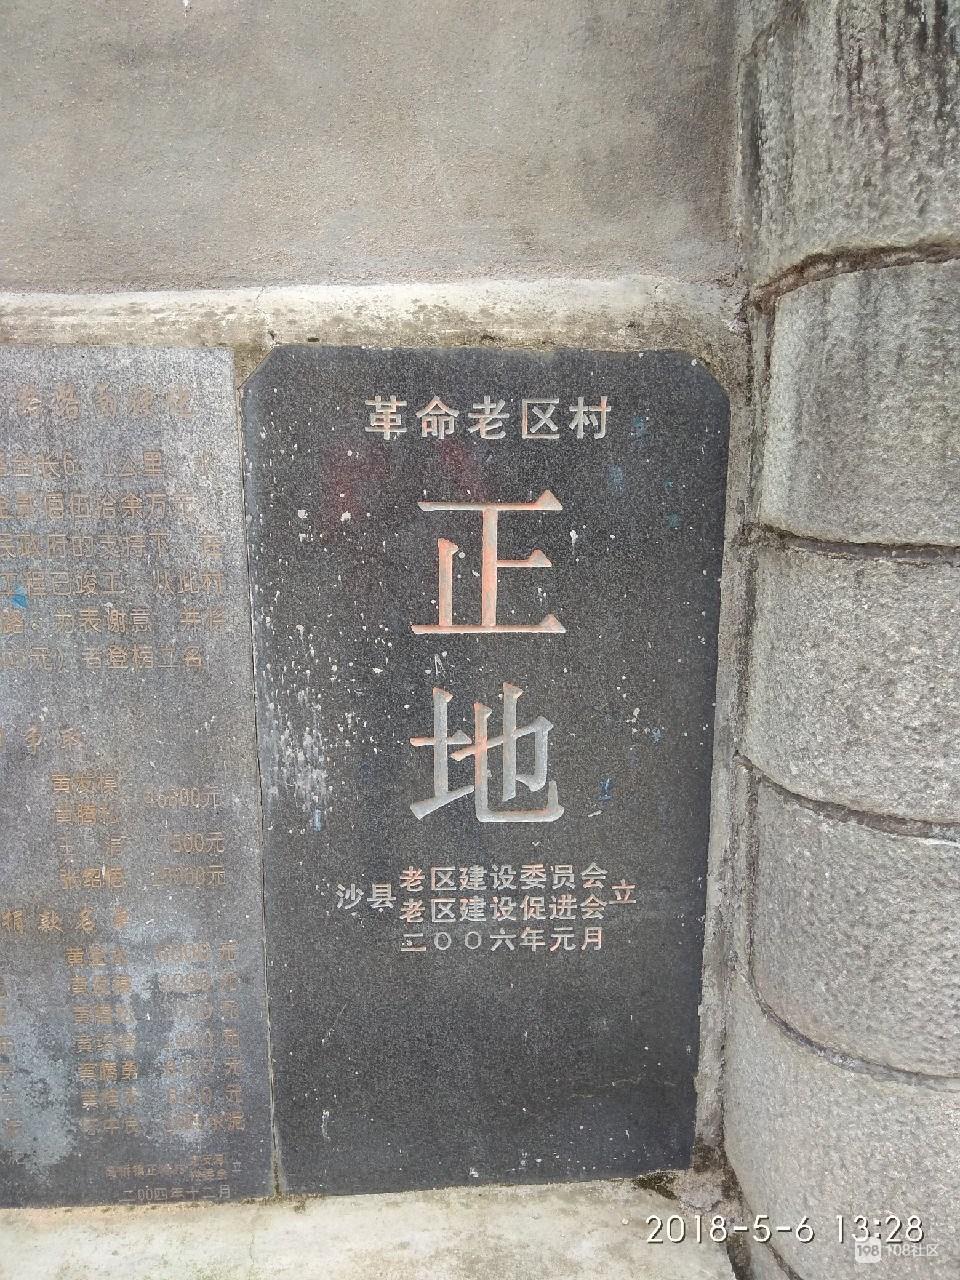 沙县高桥镇正地骑游